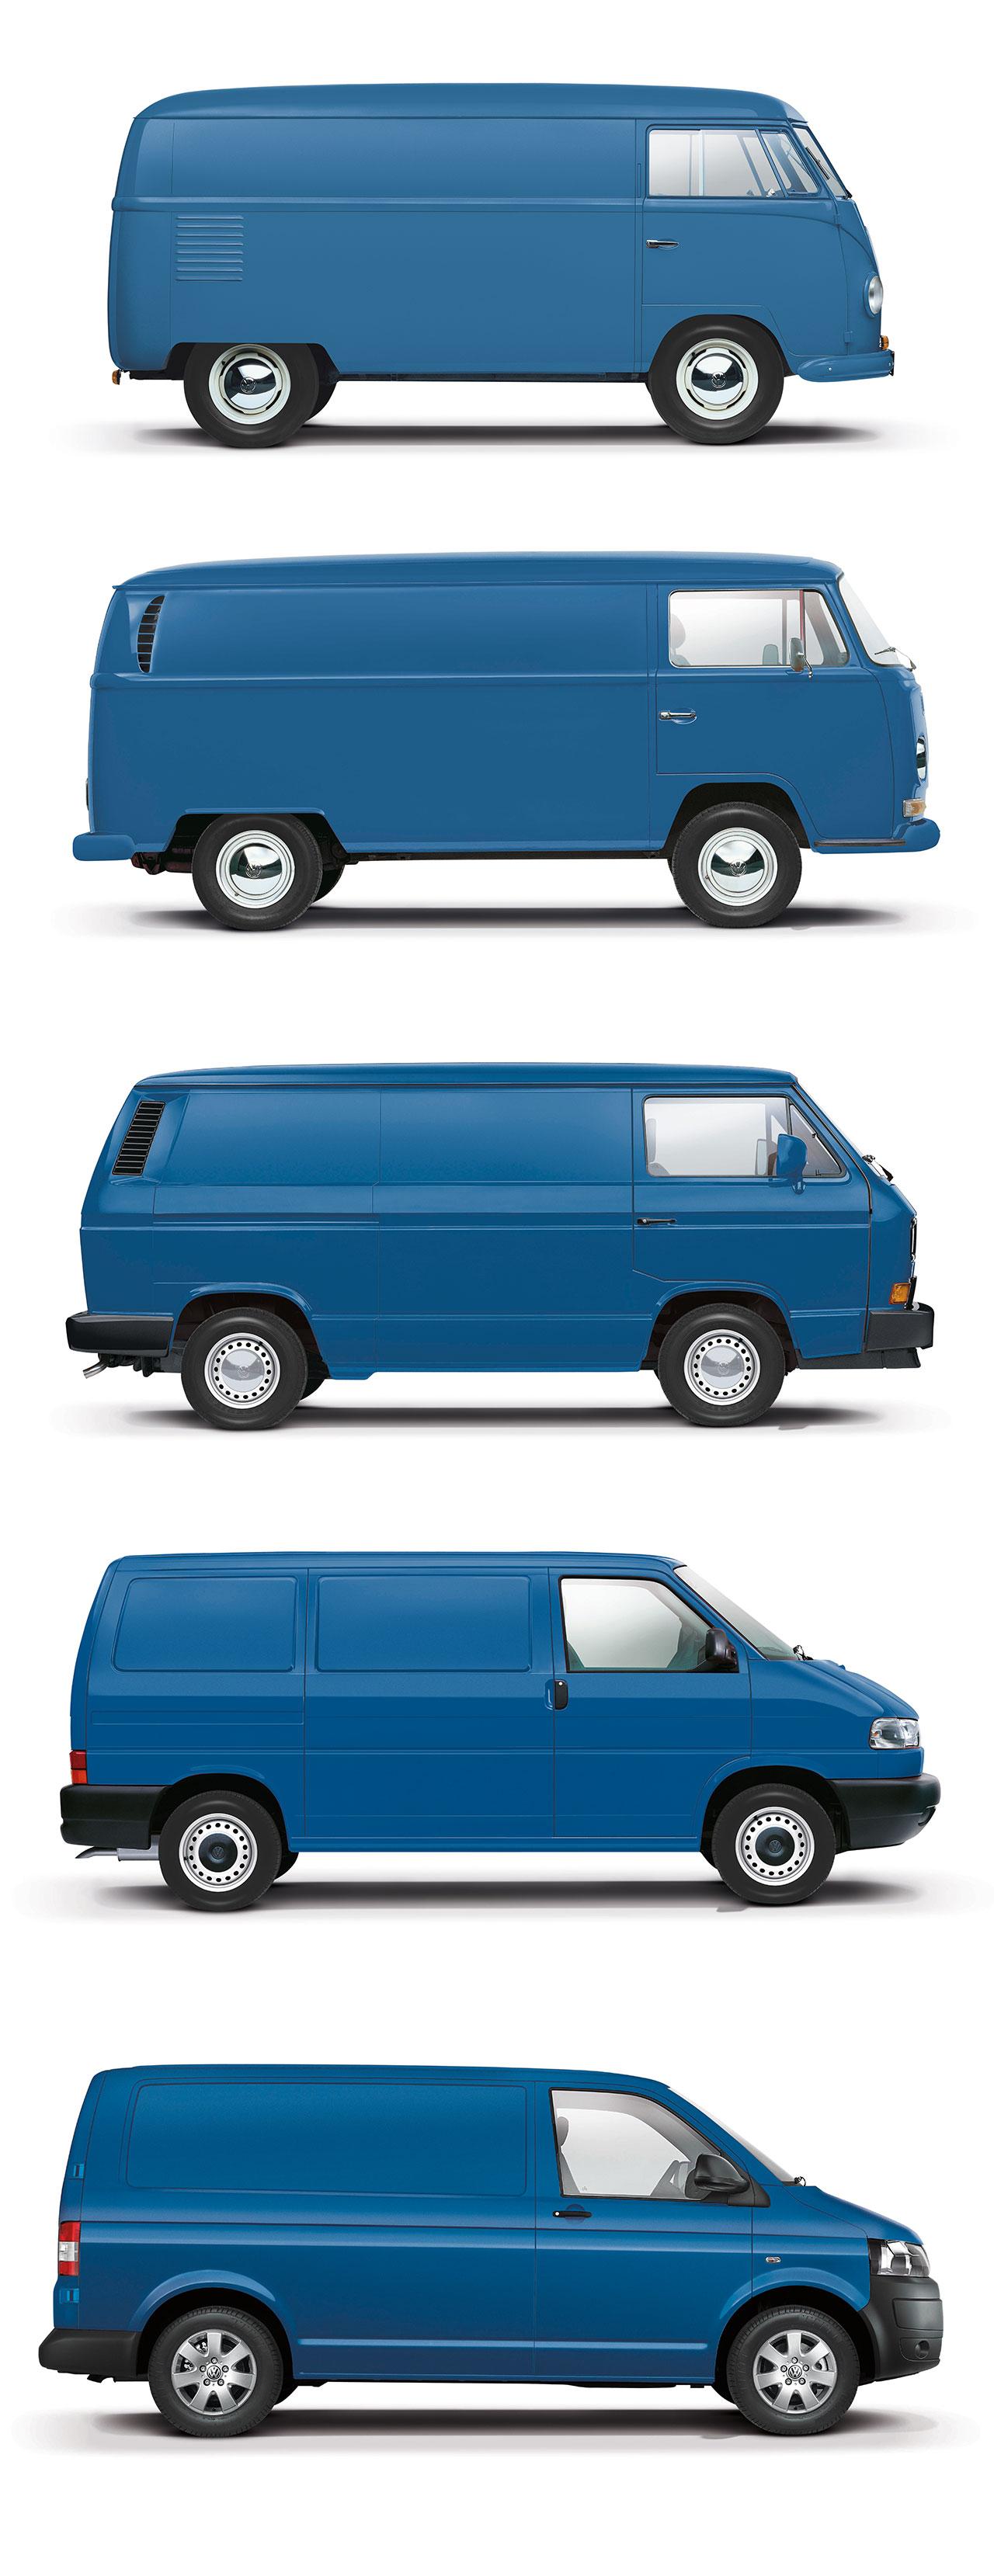 Sixth-gen Volkswagen Transporter previewed in design render - Car Body